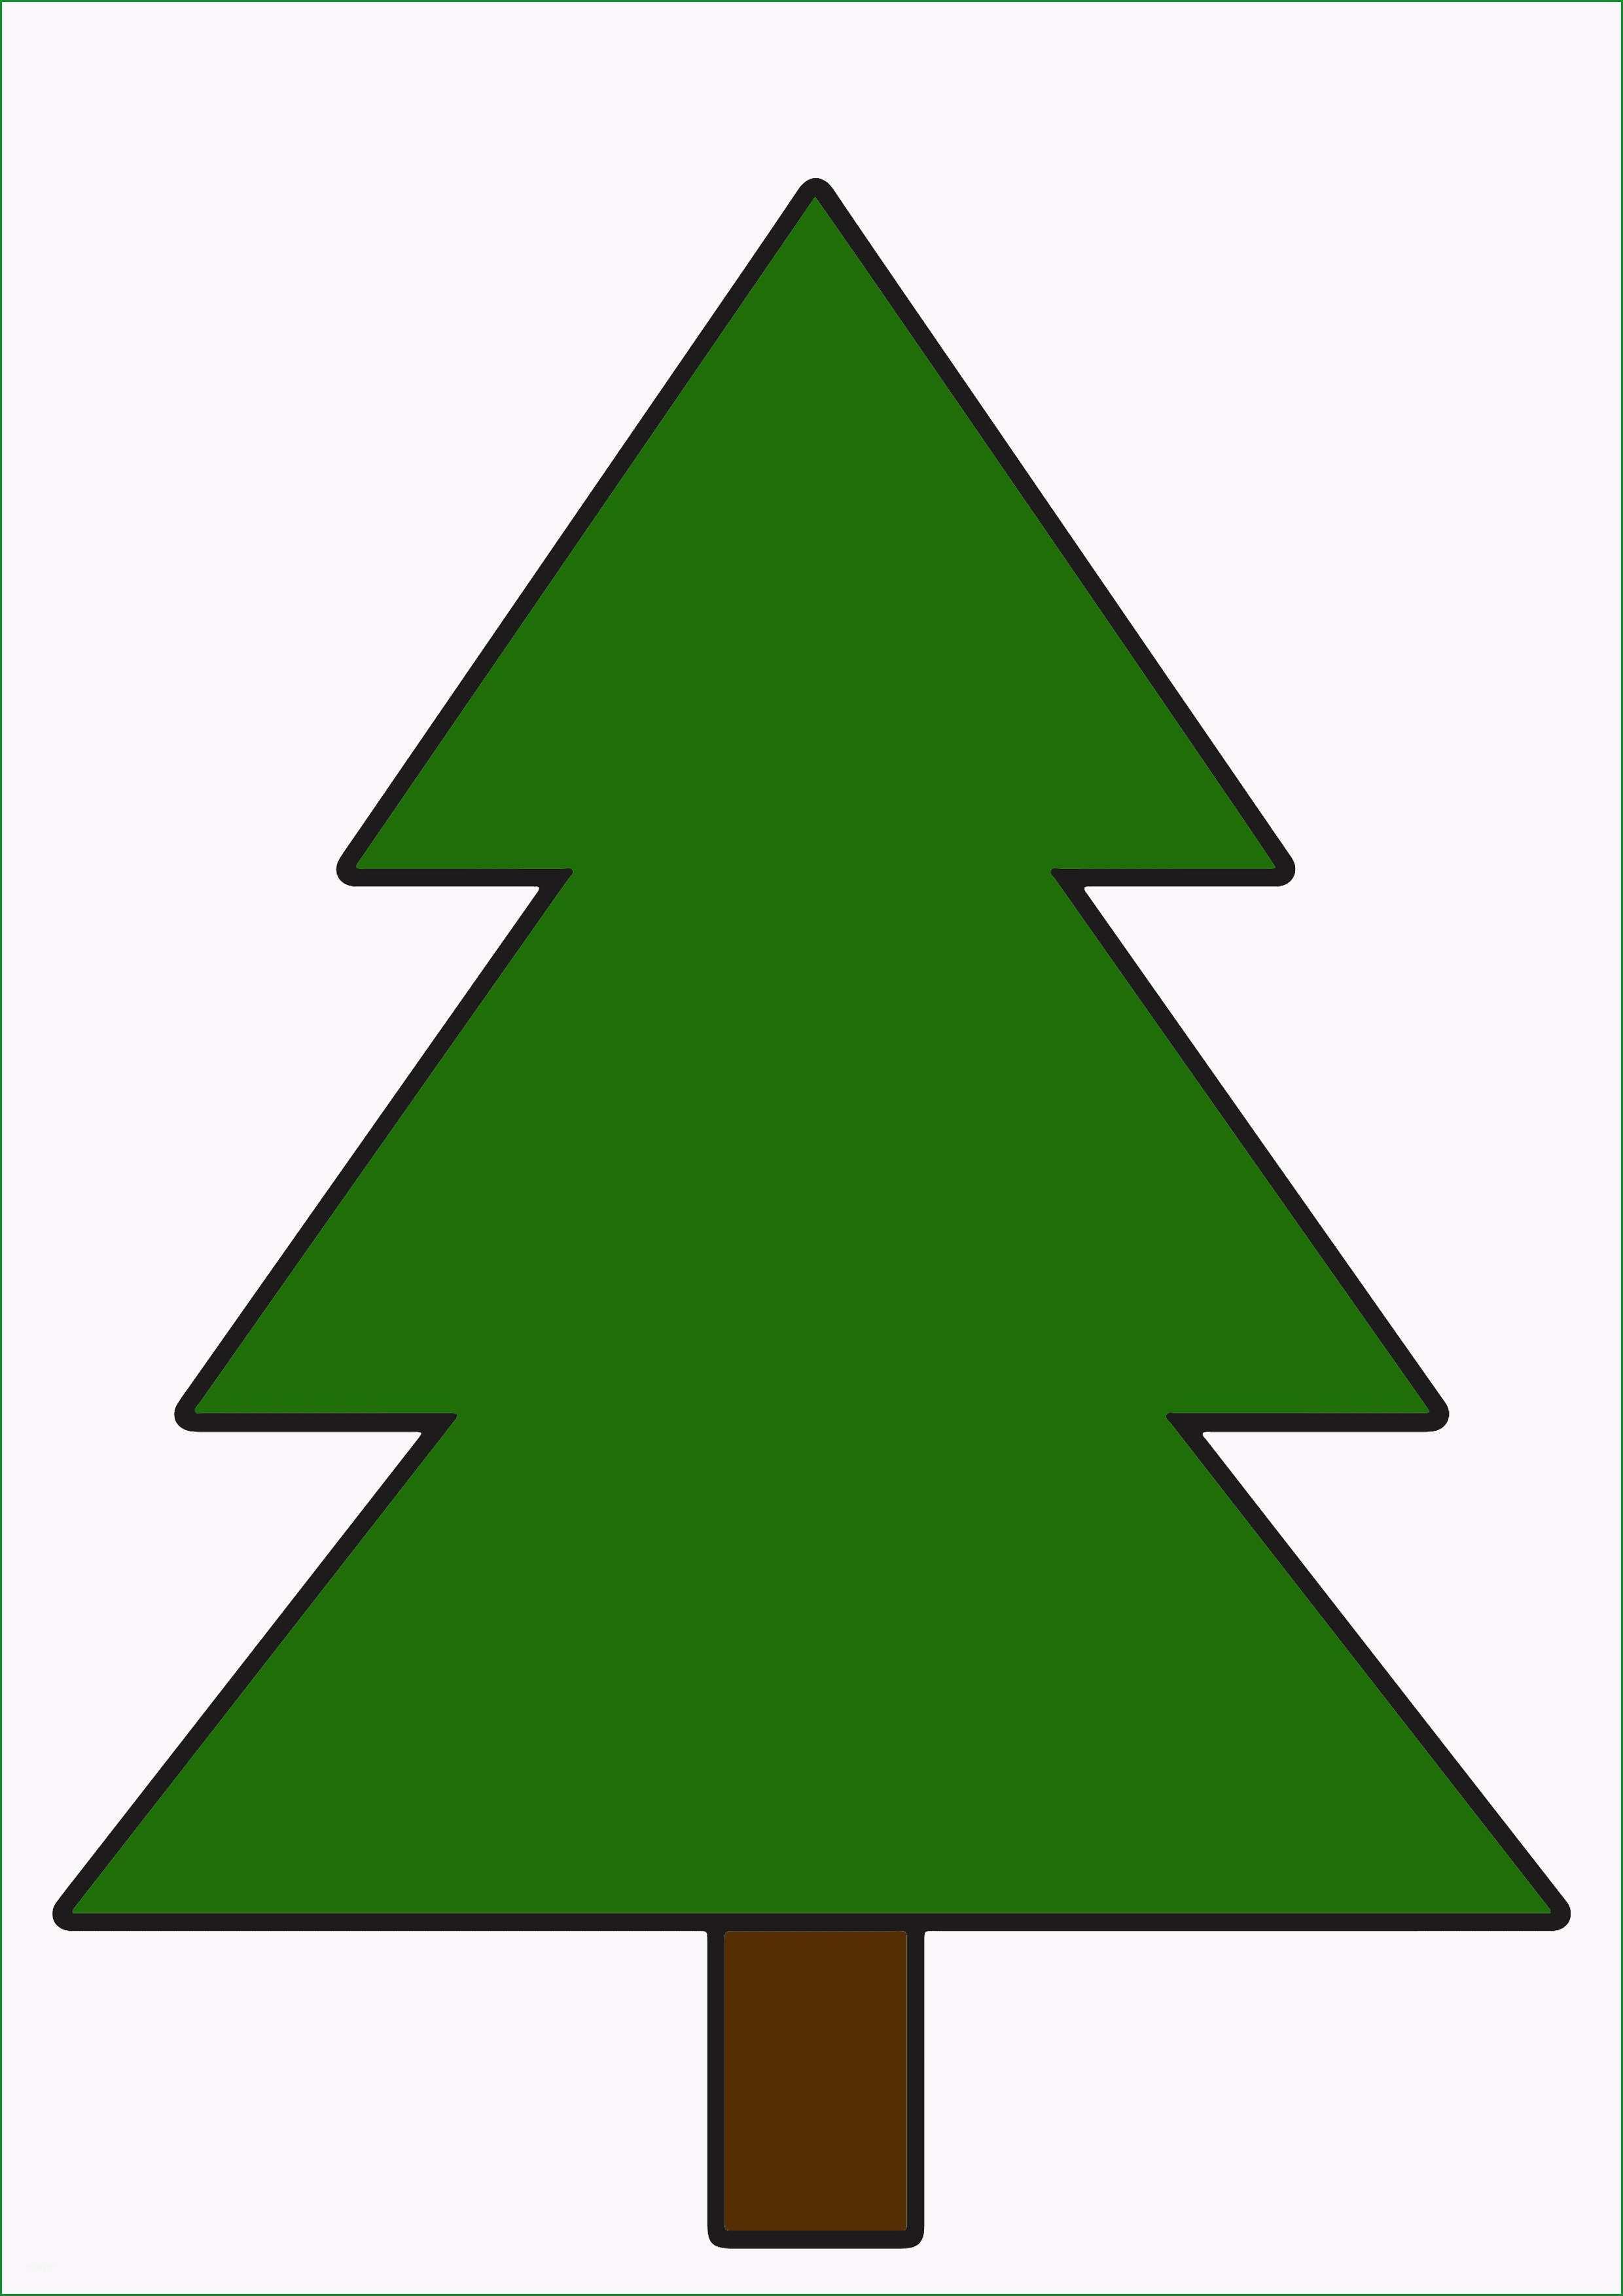 tannenbaum basteln papier vorlage mit weihnachtsmotive zum bestimmt inside ausdrucken